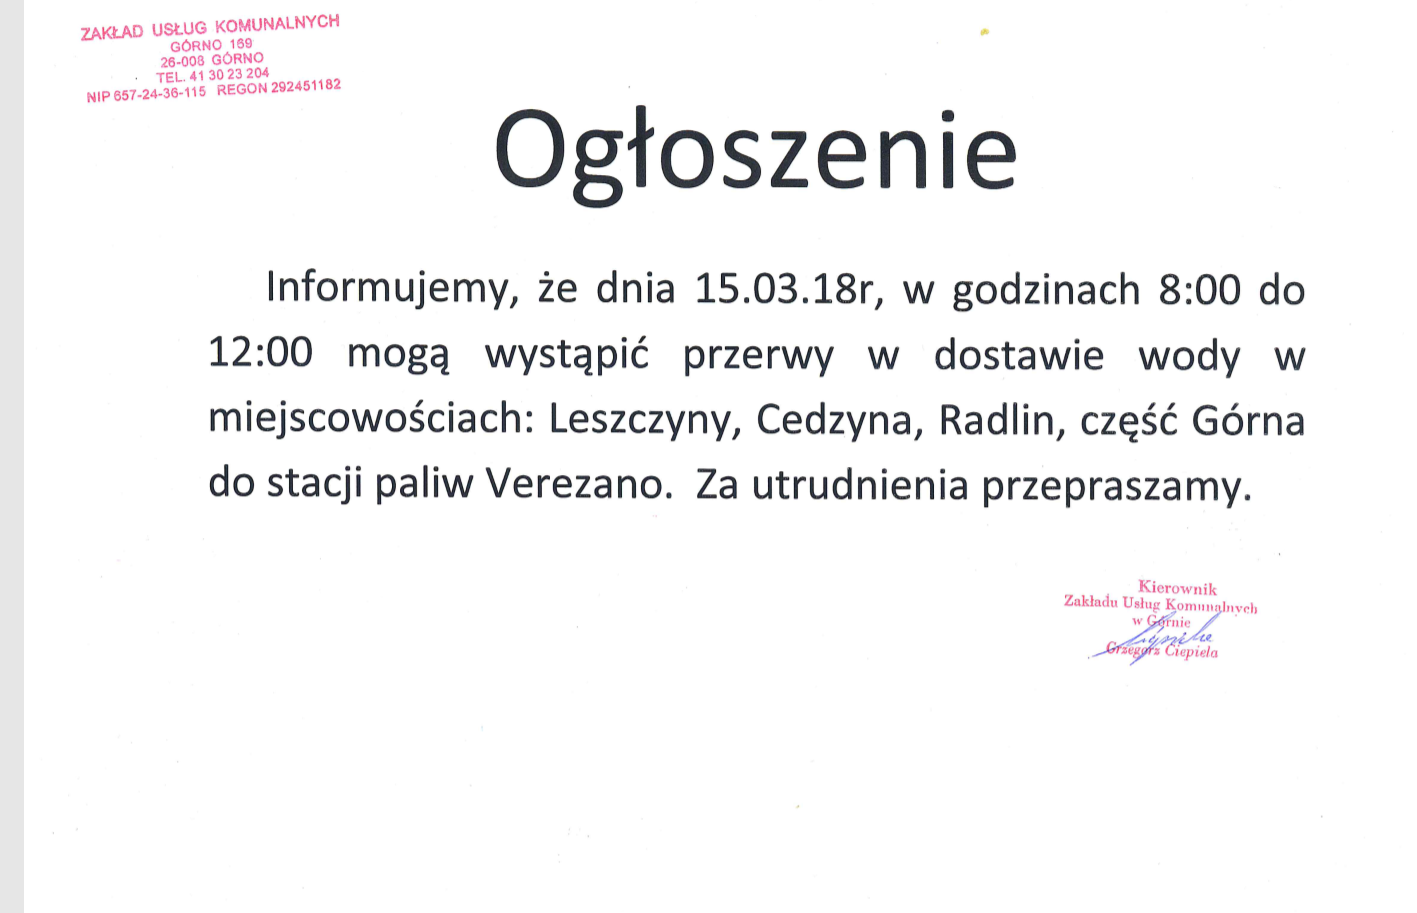 Ogłoszenie – przerwa w dostawie wody dnia 15.03.18r w miejscowościach: Leszczyny, Cedzyna, Radlin, część Górna.